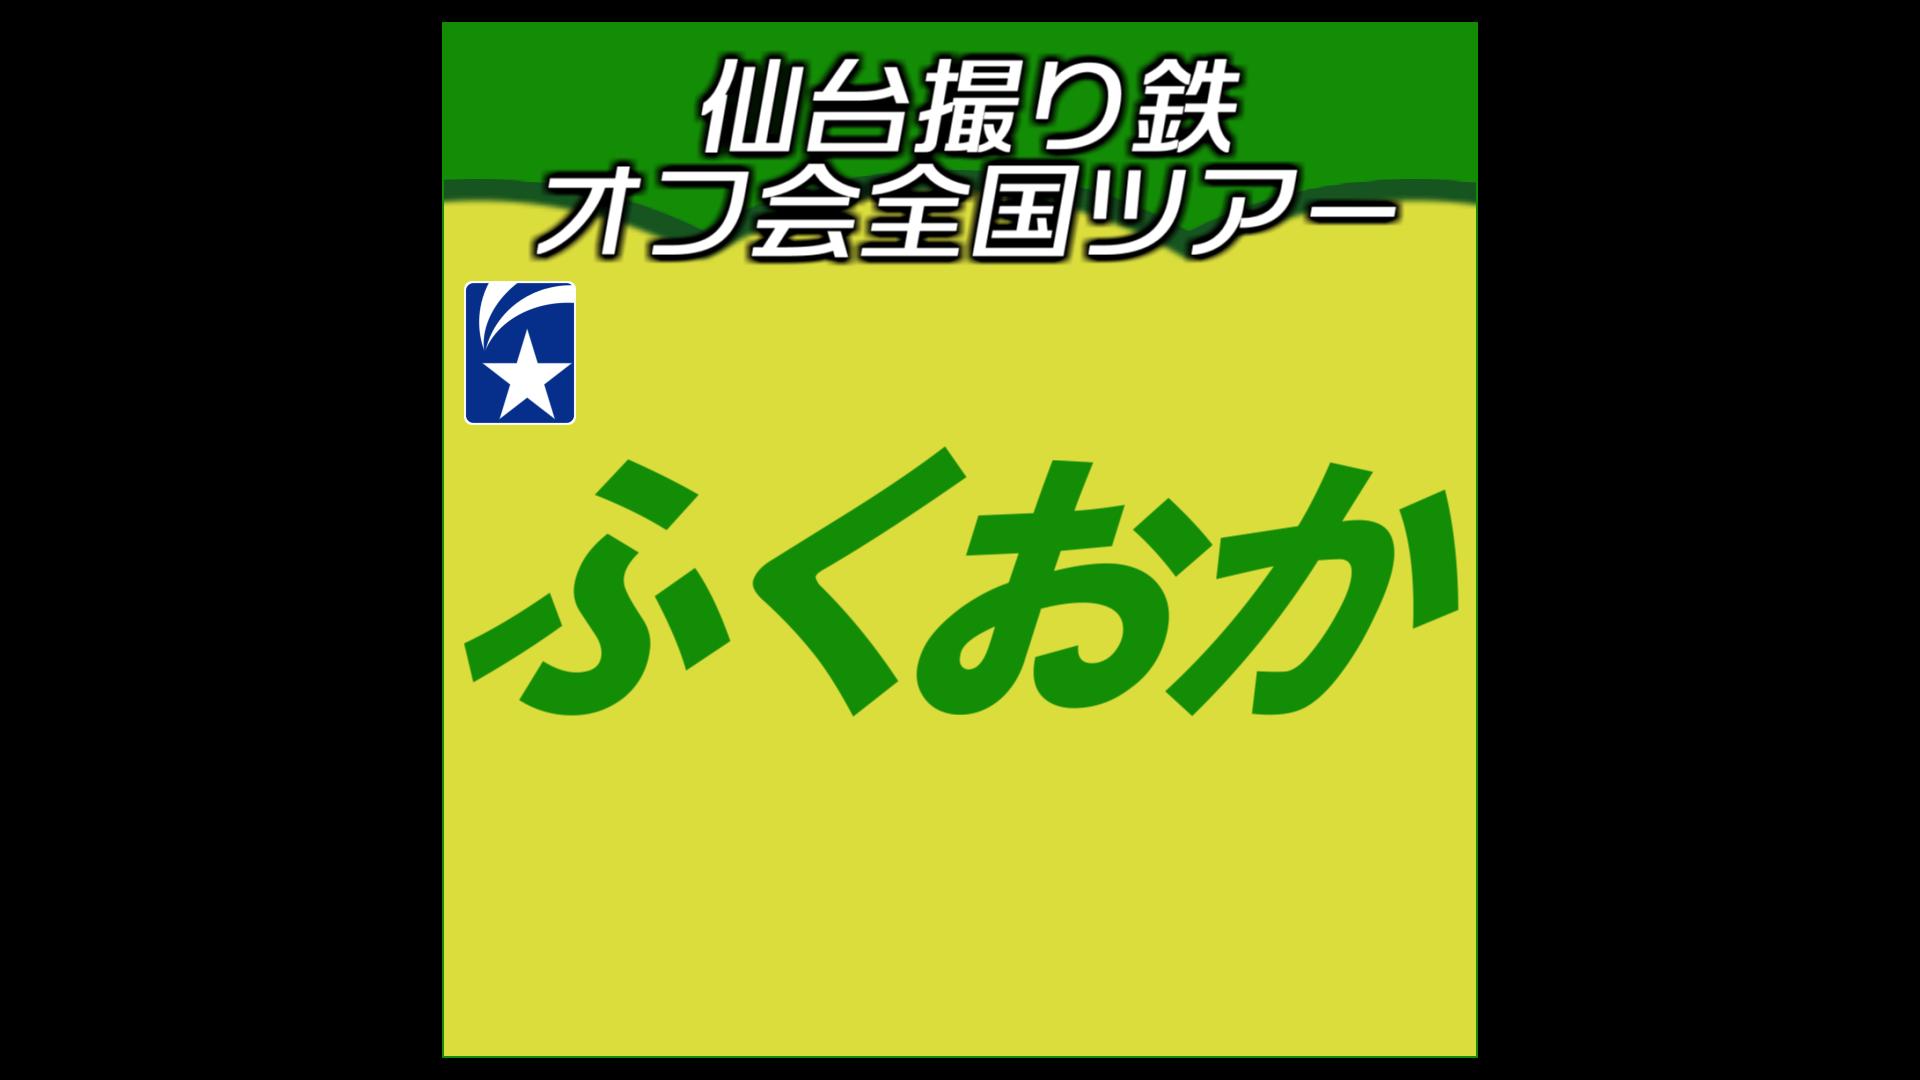 仙台撮り鉄オフ会 in 福岡(2月24日)